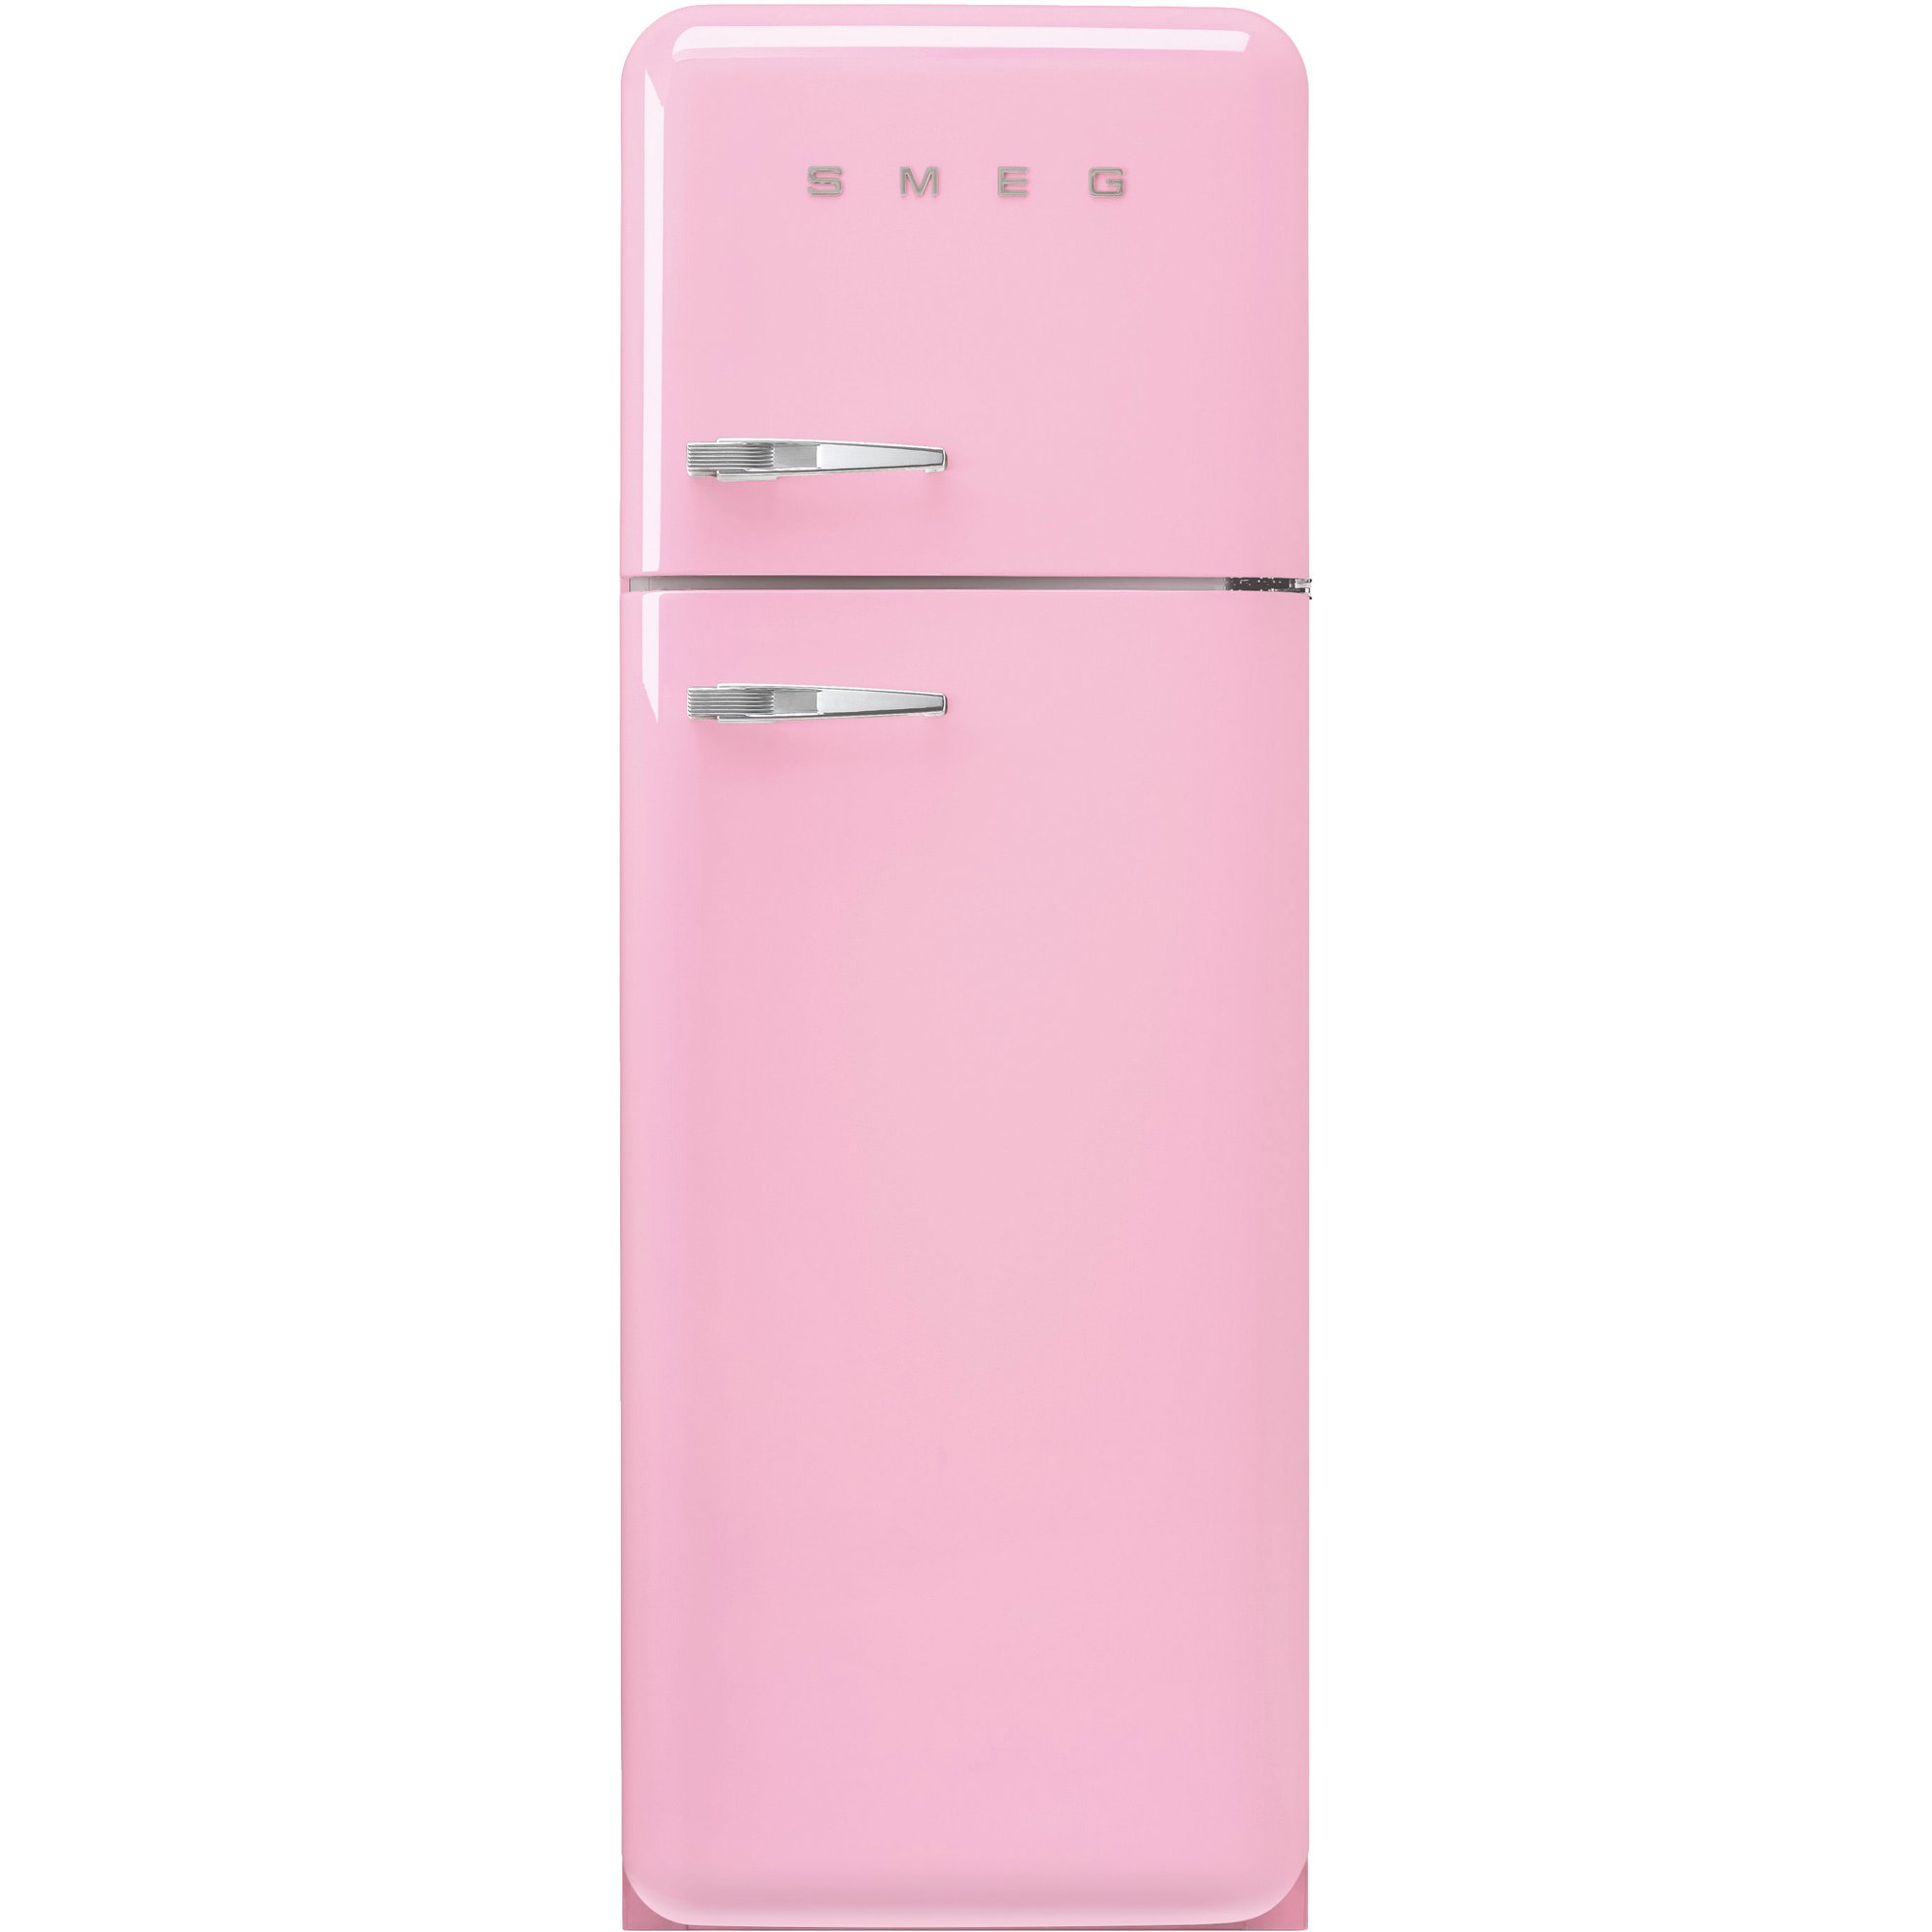 Smeg FAB30RPK5 Køle-/fryseskab pink